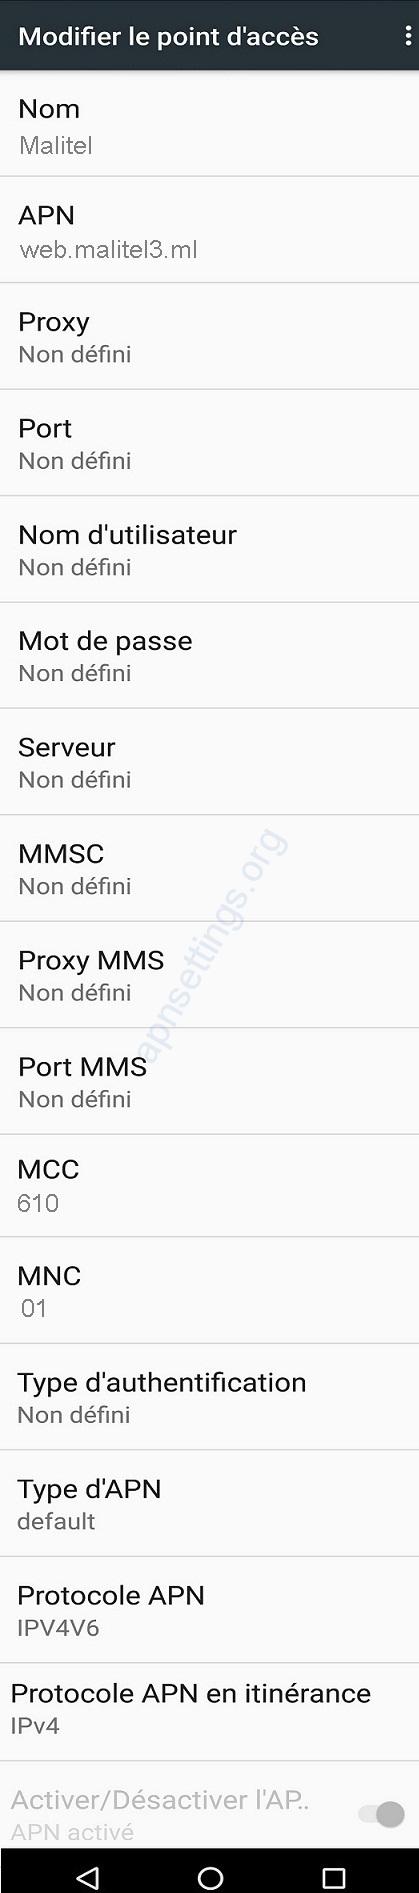 Paramètre Internet 4G de Malitel